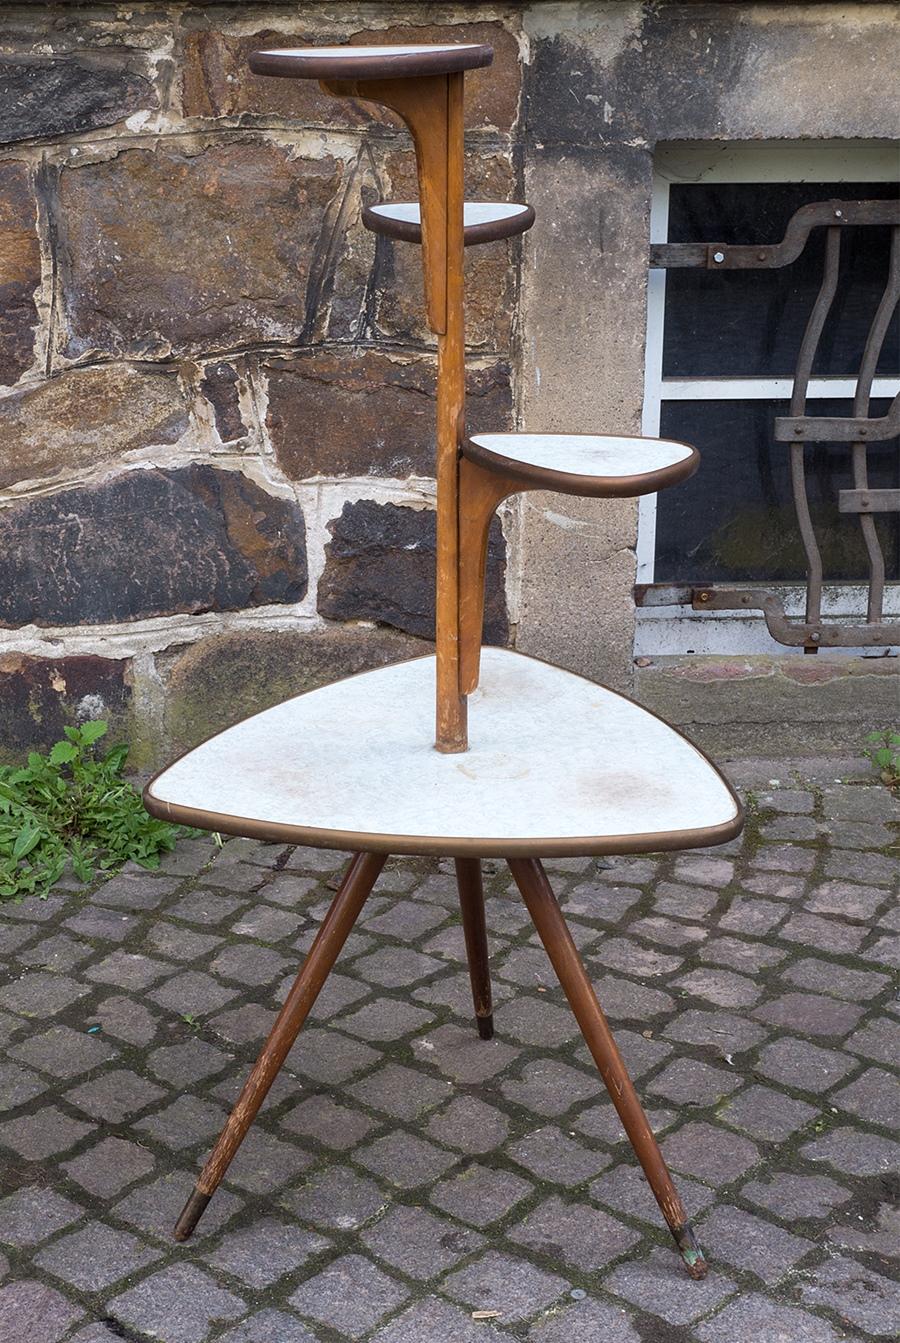 blumenbank tisch orig vintage design wohnzimmertisch der 50er 60er jahre ebay. Black Bedroom Furniture Sets. Home Design Ideas